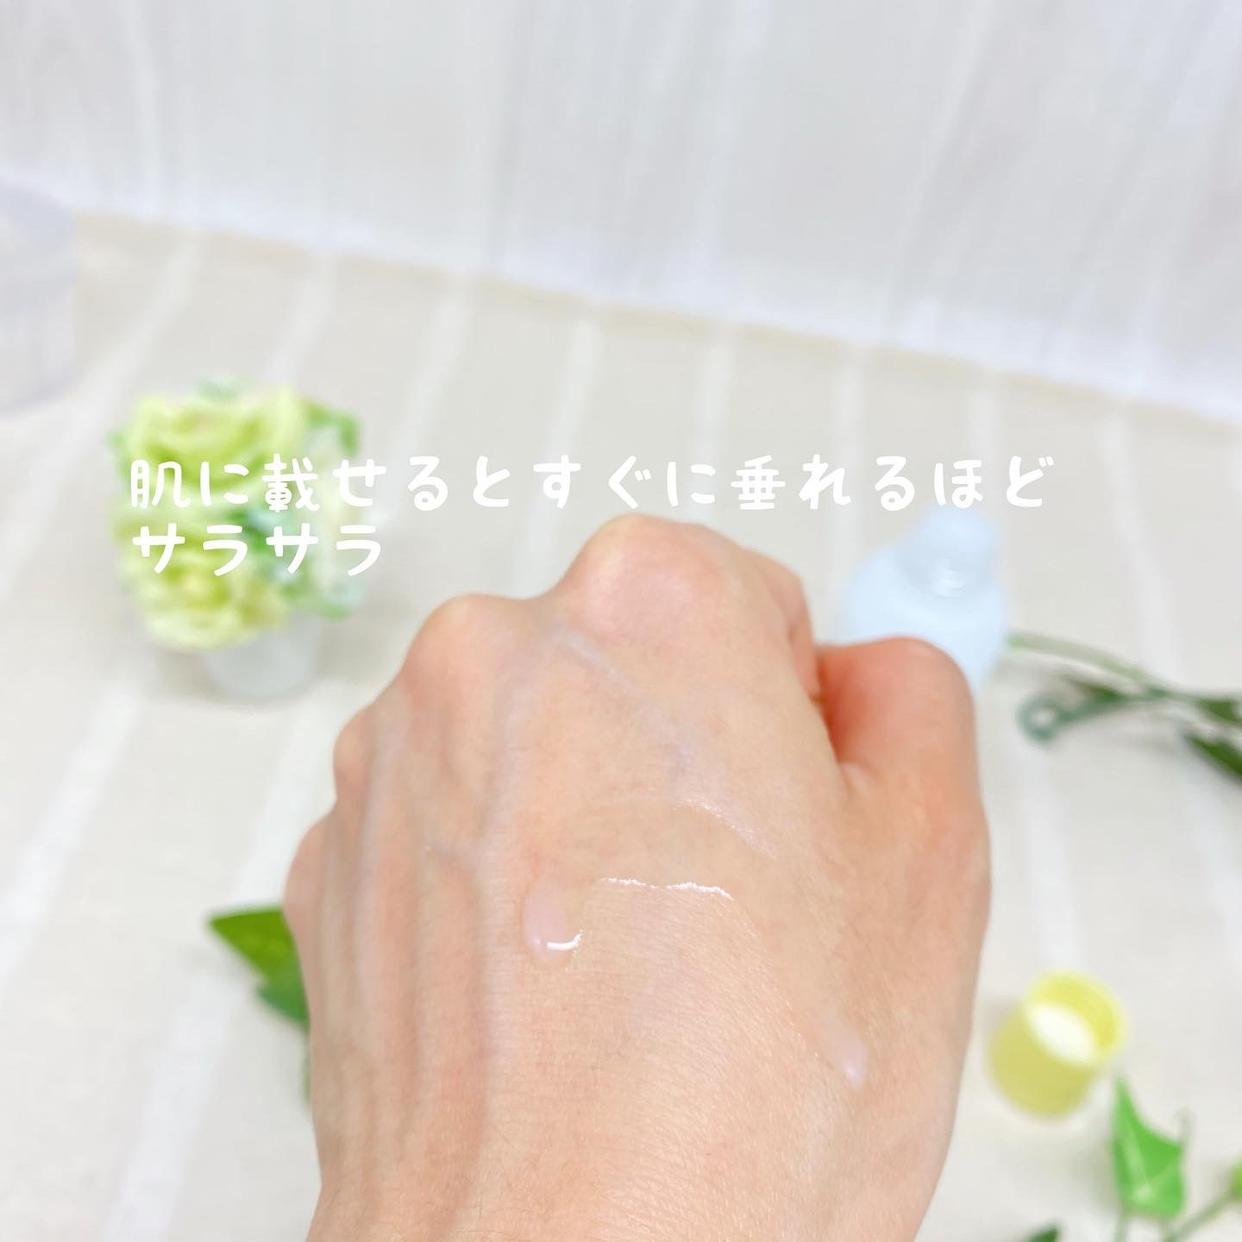 ZETTOC STYLE(ゼトックスタイル) アサンアムーン 甘糀化粧水の良い点・メリットに関するゆうさんの口コミ画像2